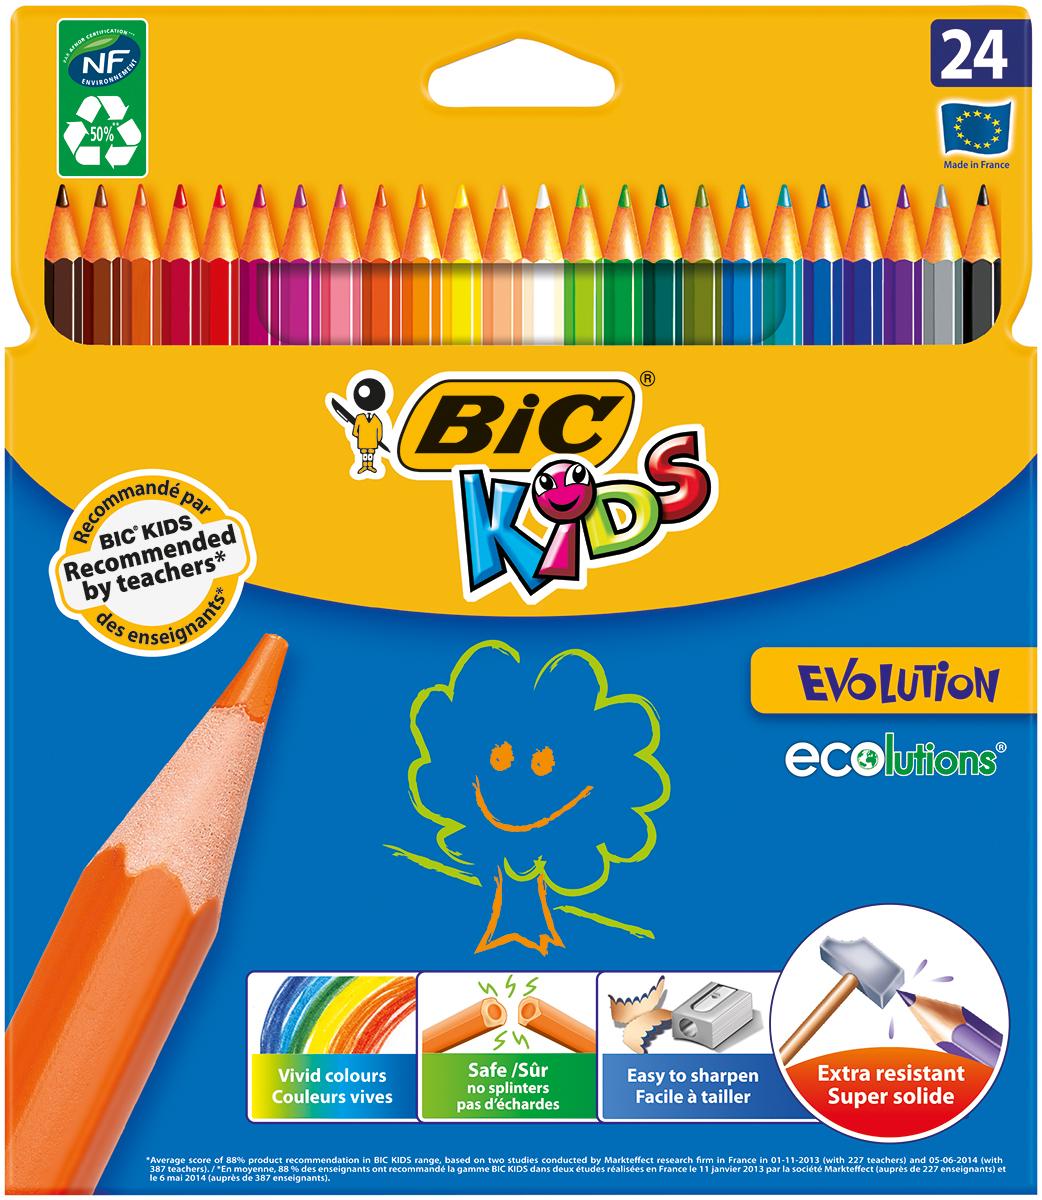 Bic Набор цветных карандашей Evolution 24 цветаB829733Набор цветных карандашей Bic Evolution идеален для ежедневного использования маленькими художниками!В наборе карандаши 24 ярких цветов. Ультрапрочные цветные карандаши изготовлены без использования древесины. Цветной стержень обеспечивает отличную степень закрашивания.